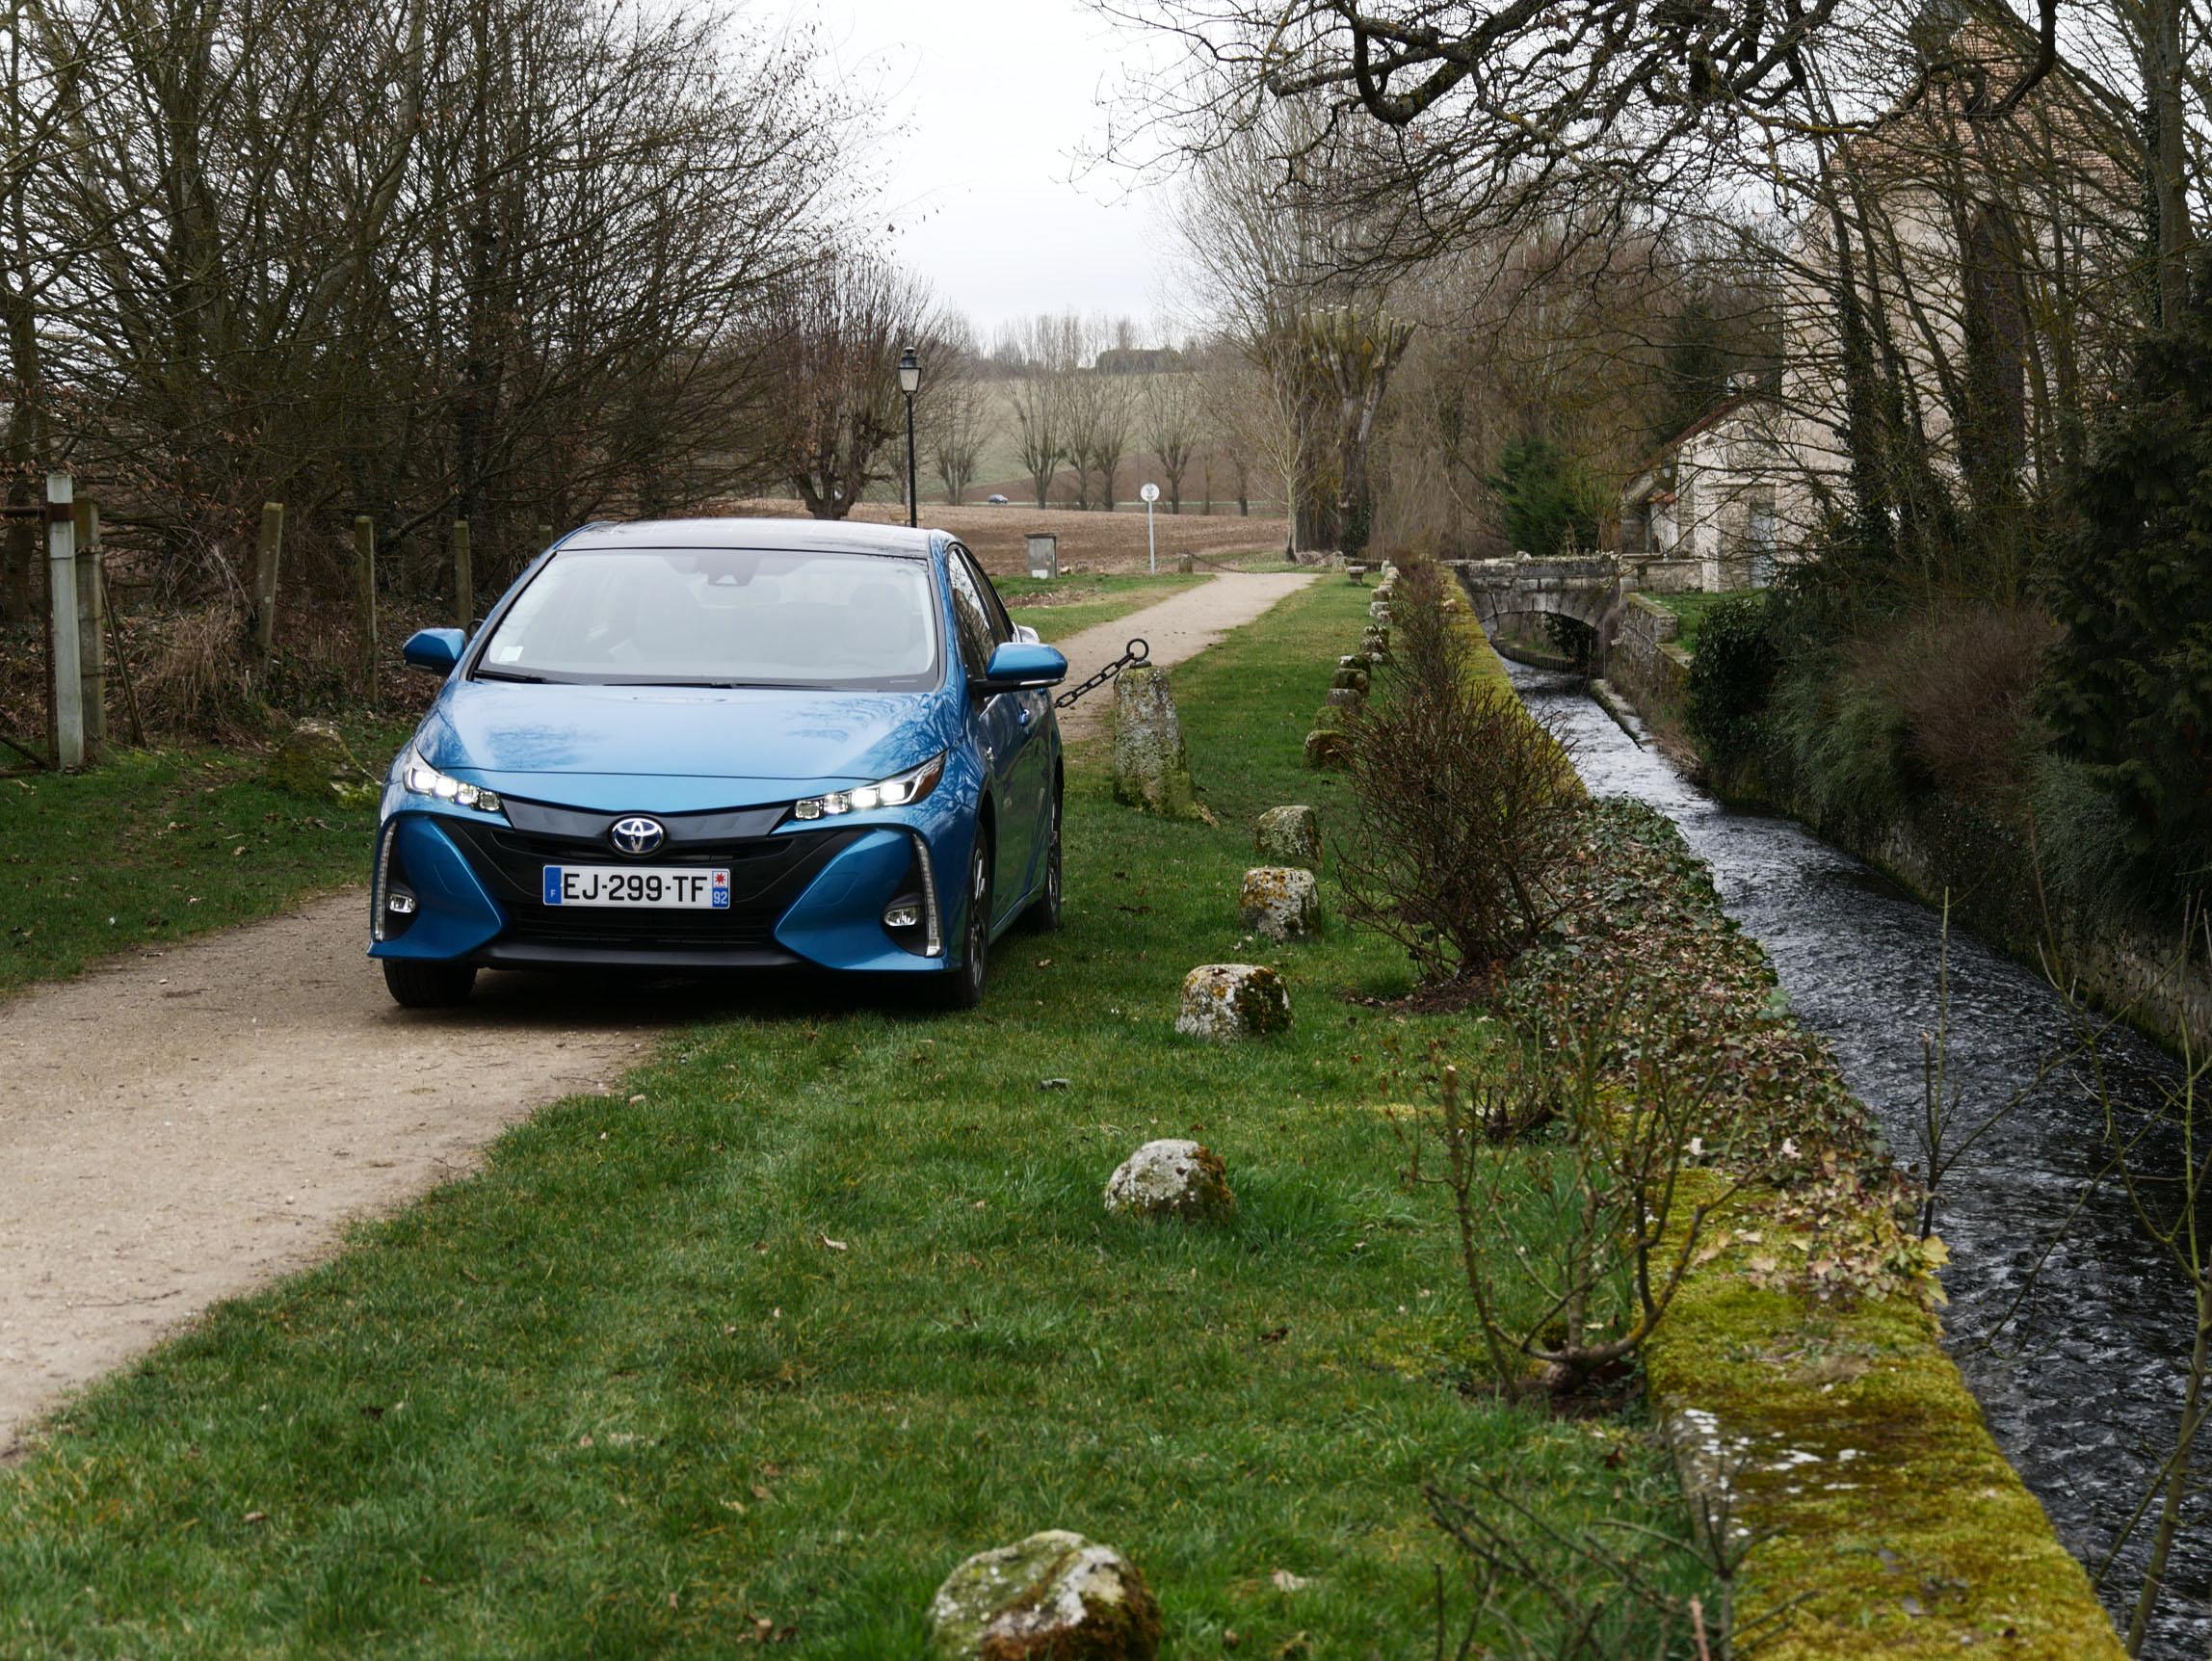 Essai Toyota Prius 4 Rechargeable : l'hybride électrisée !